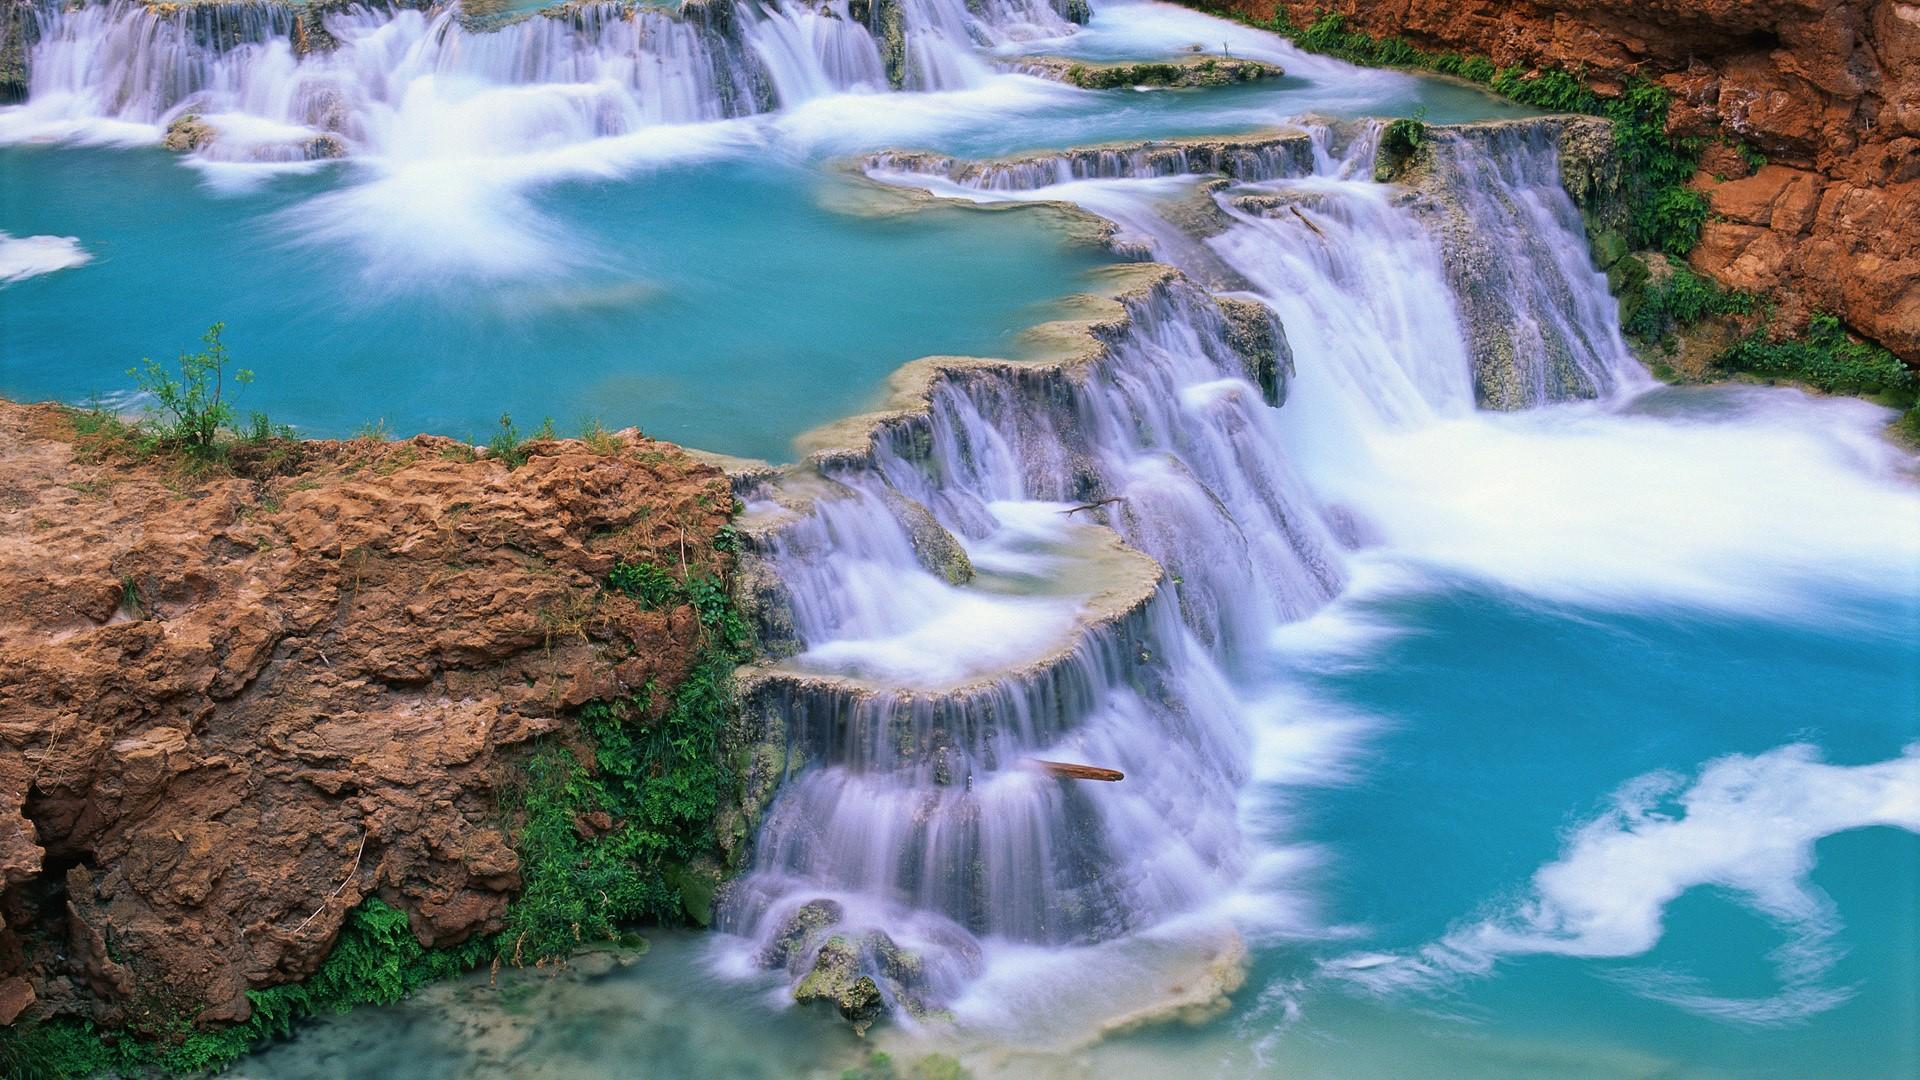 Водопад 1920 x 1080